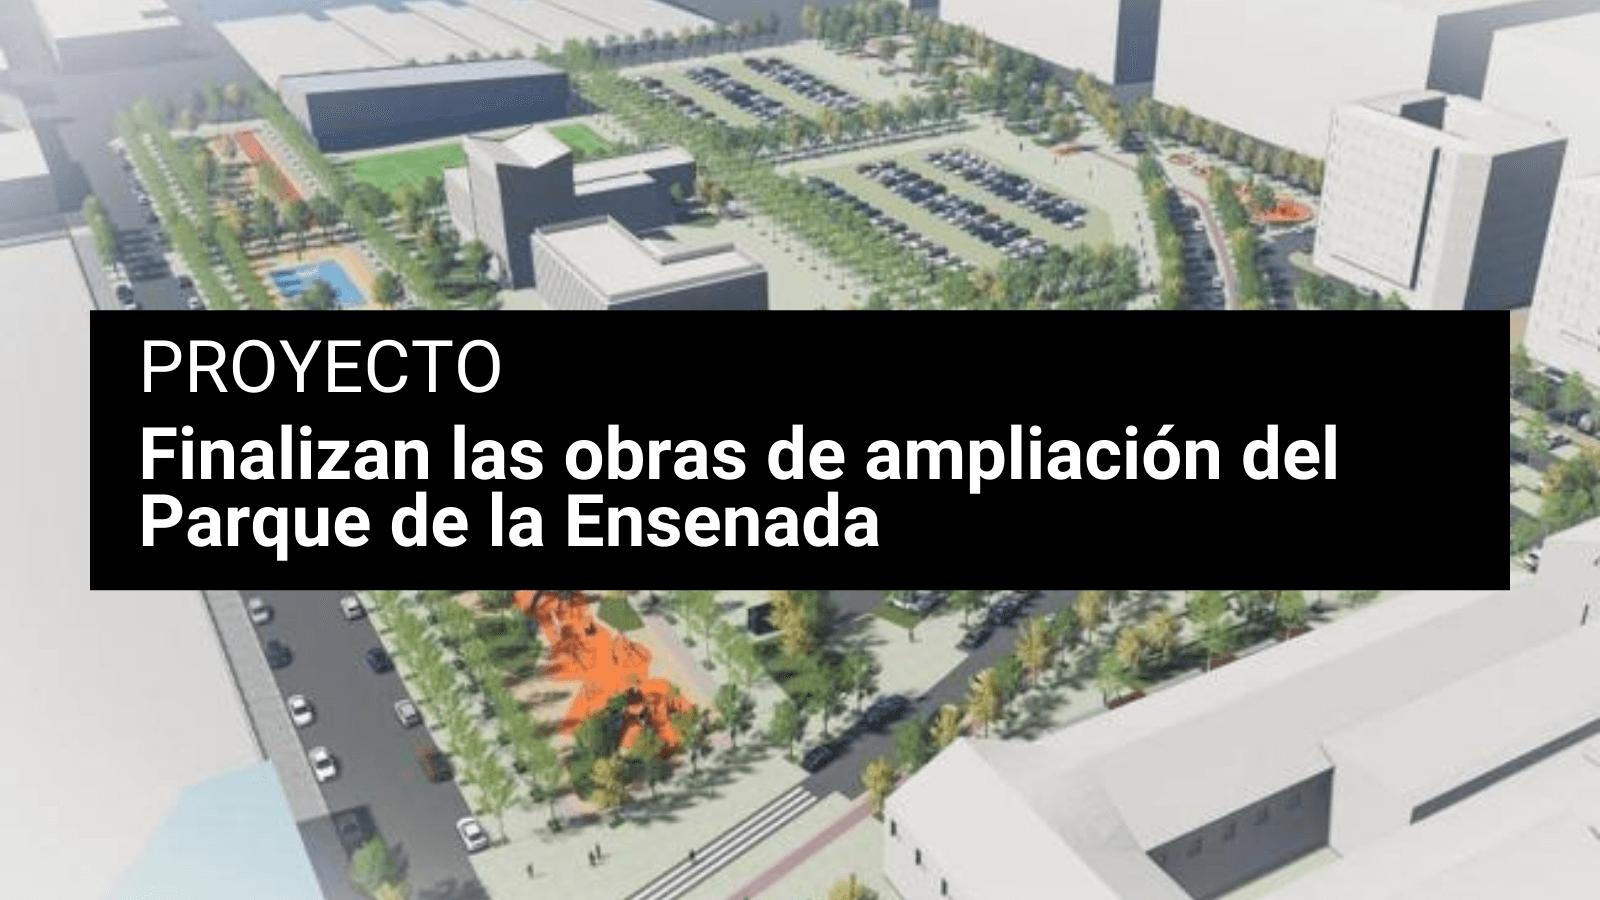 Proyecto_-Finalizan-las-obras-de-ampliación-del-Parque-de-la-Ensenada